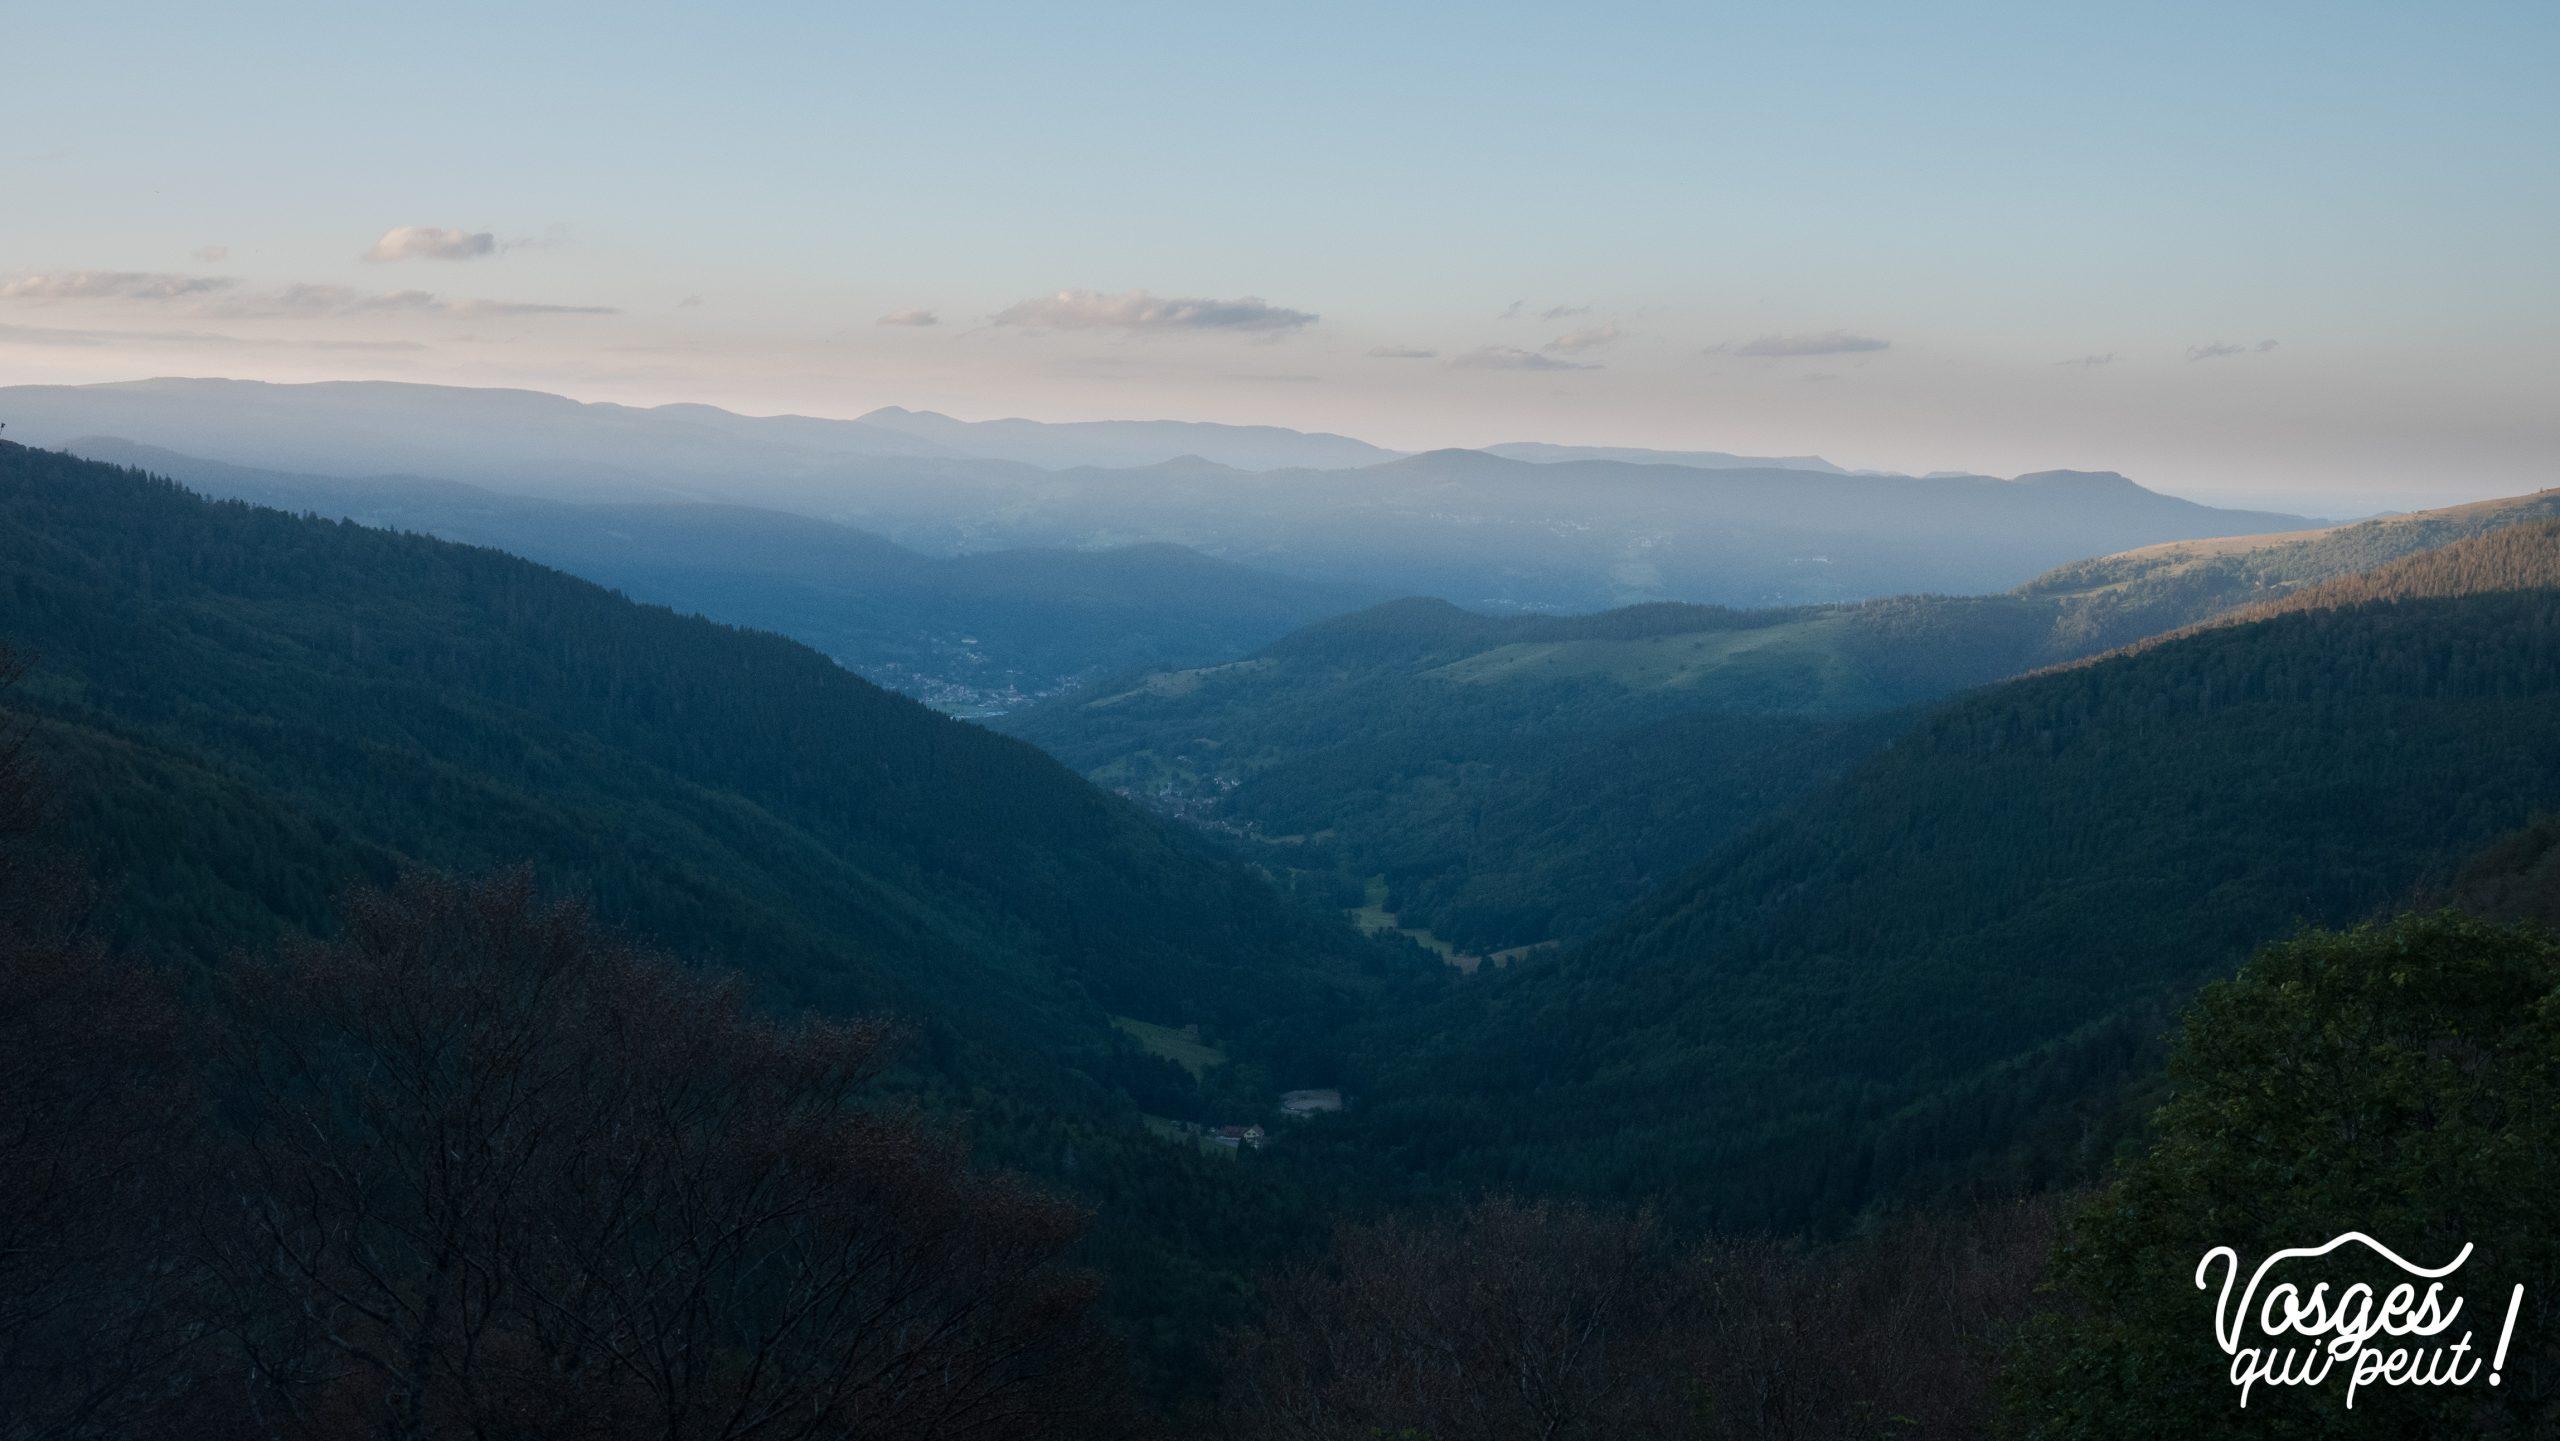 Vue depuis le col d'Oberlauchen sur la vallée de Munster dans le Massif des Vosges